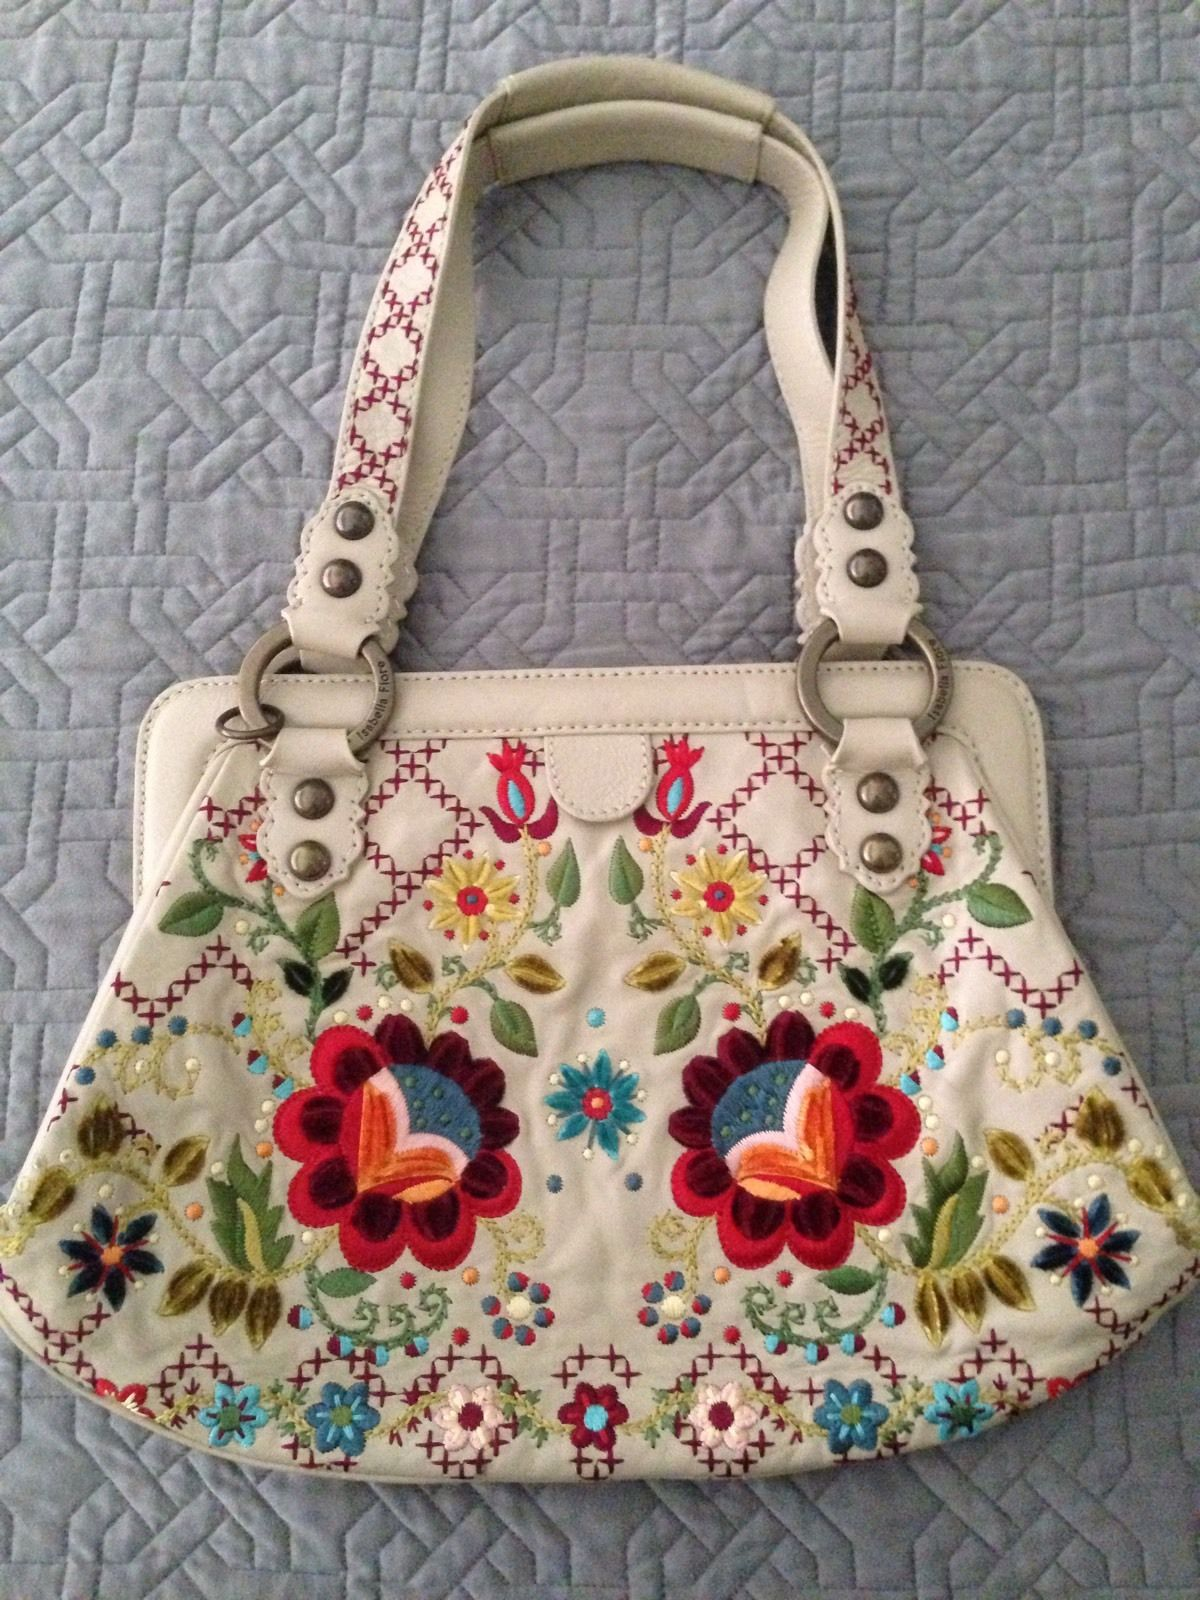 Floral Embroidered Handbag